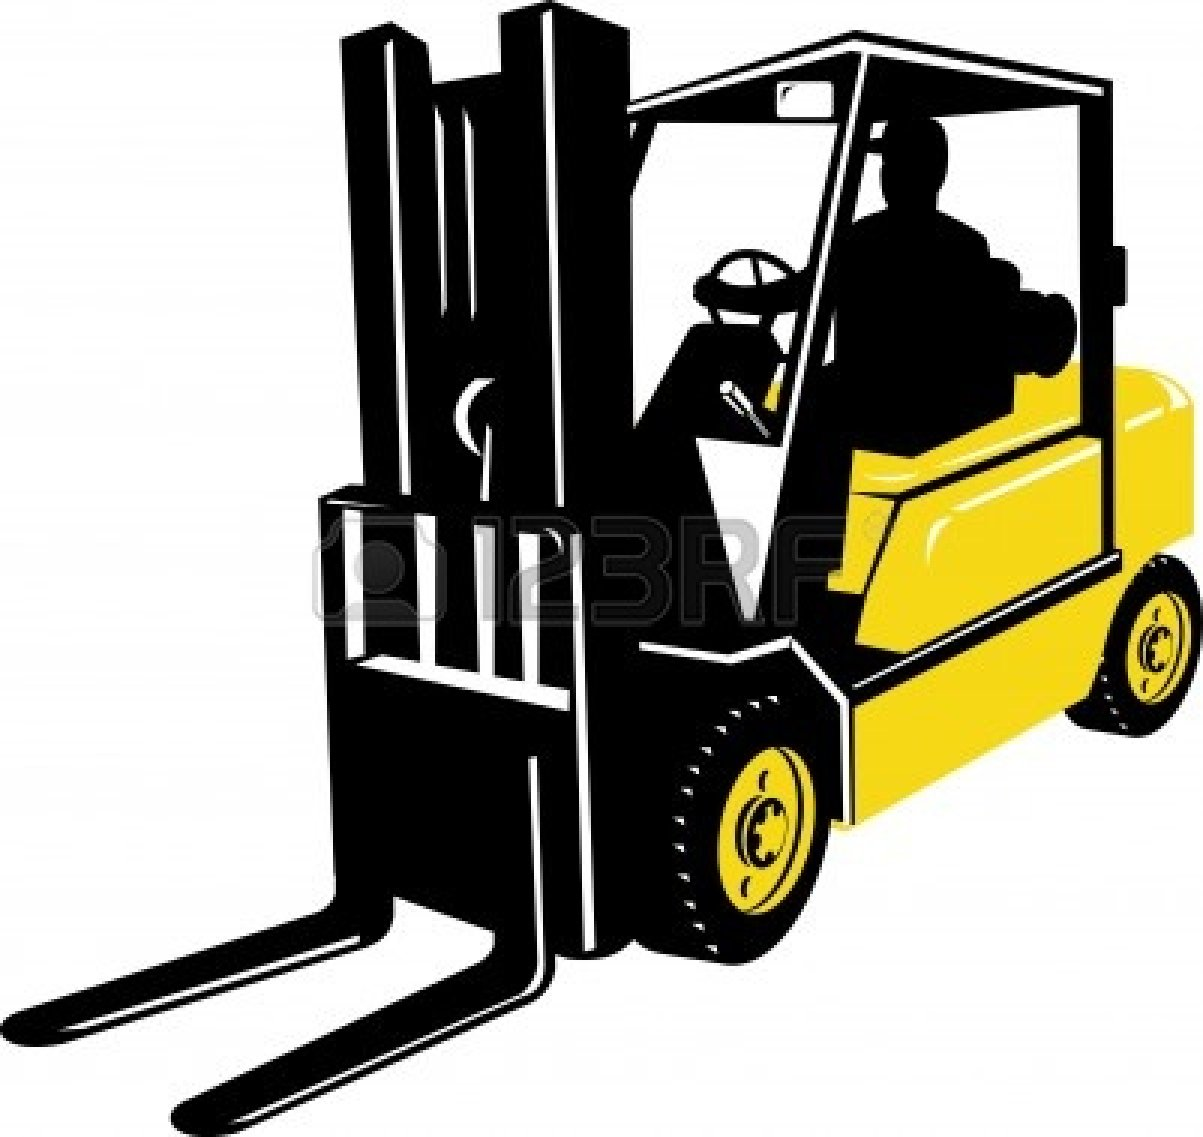 1203x1137 Black Amp White Clipart Forklift